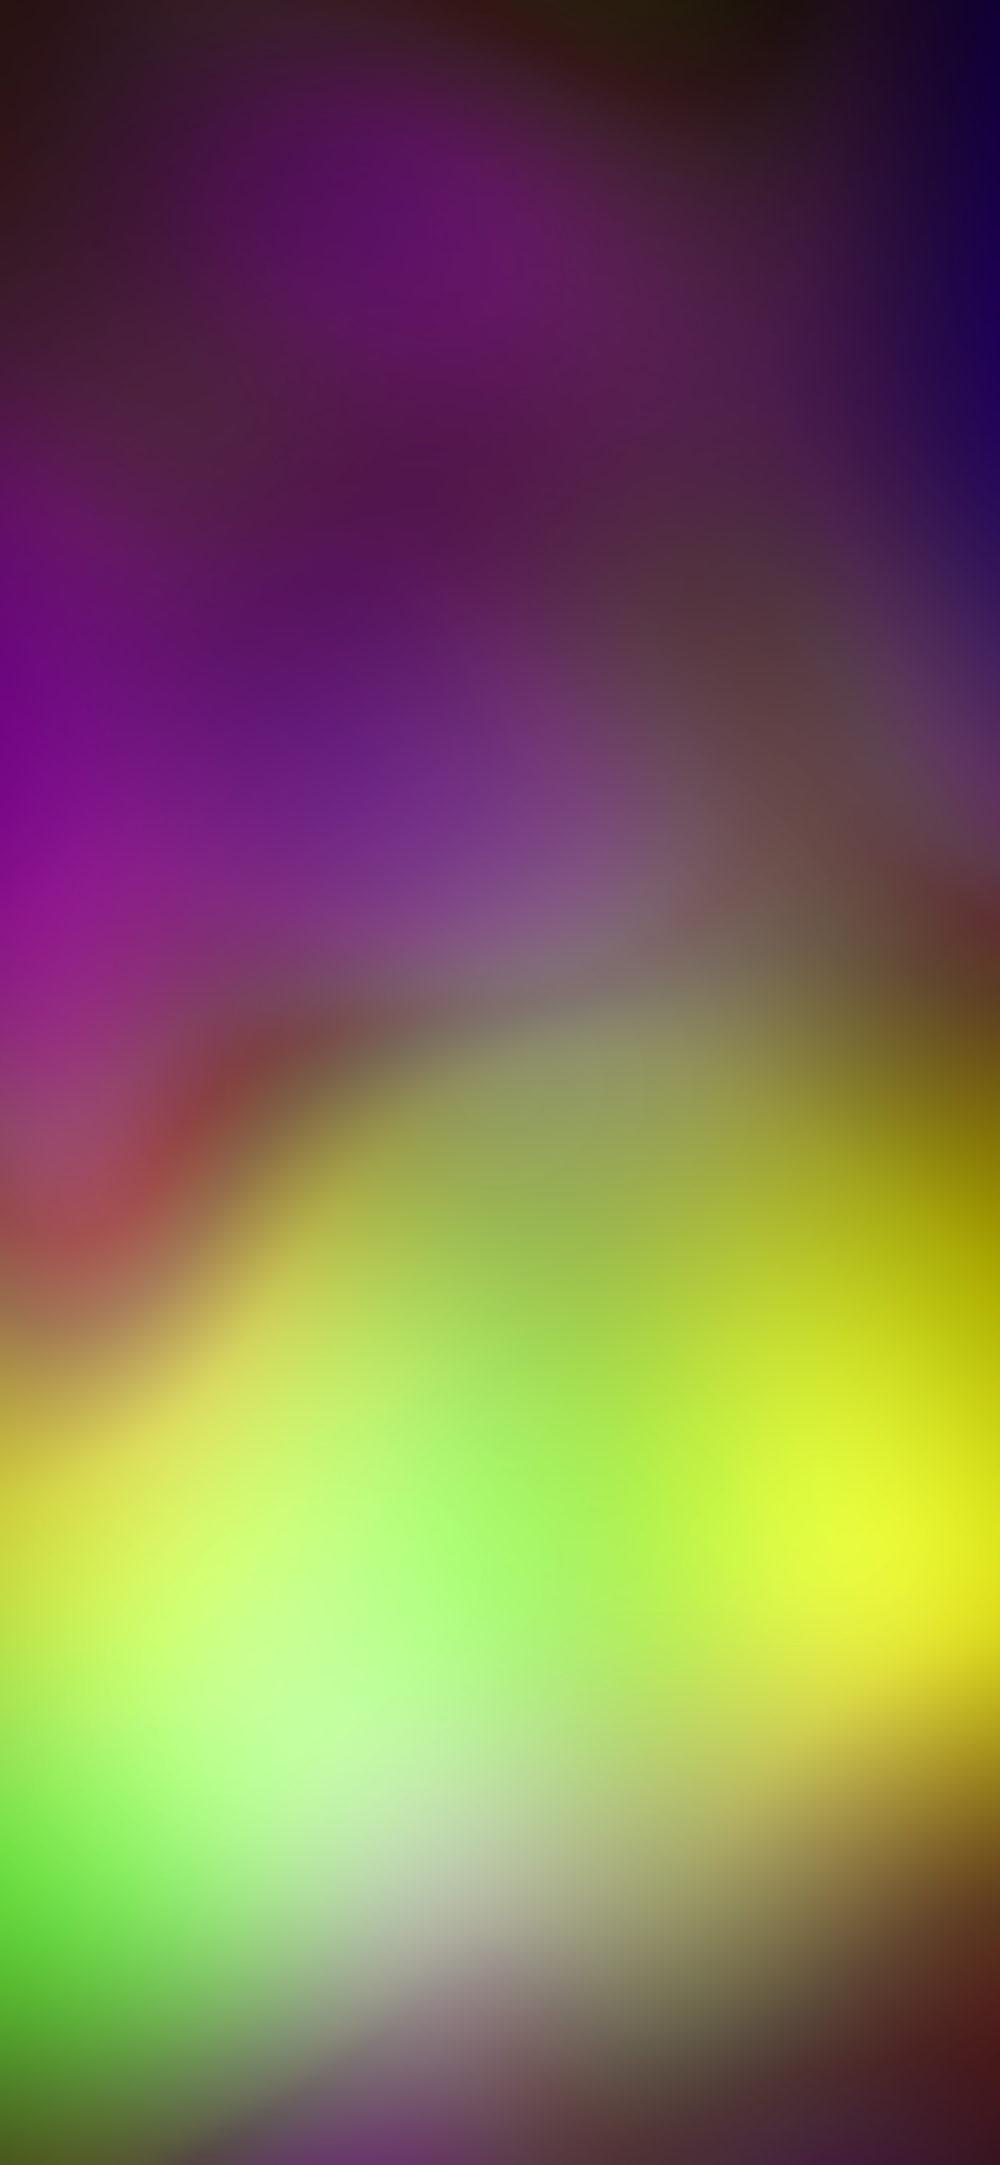 Pack De Fonds D Ecran Inspire De L Iphone X En Qualite Super Retina